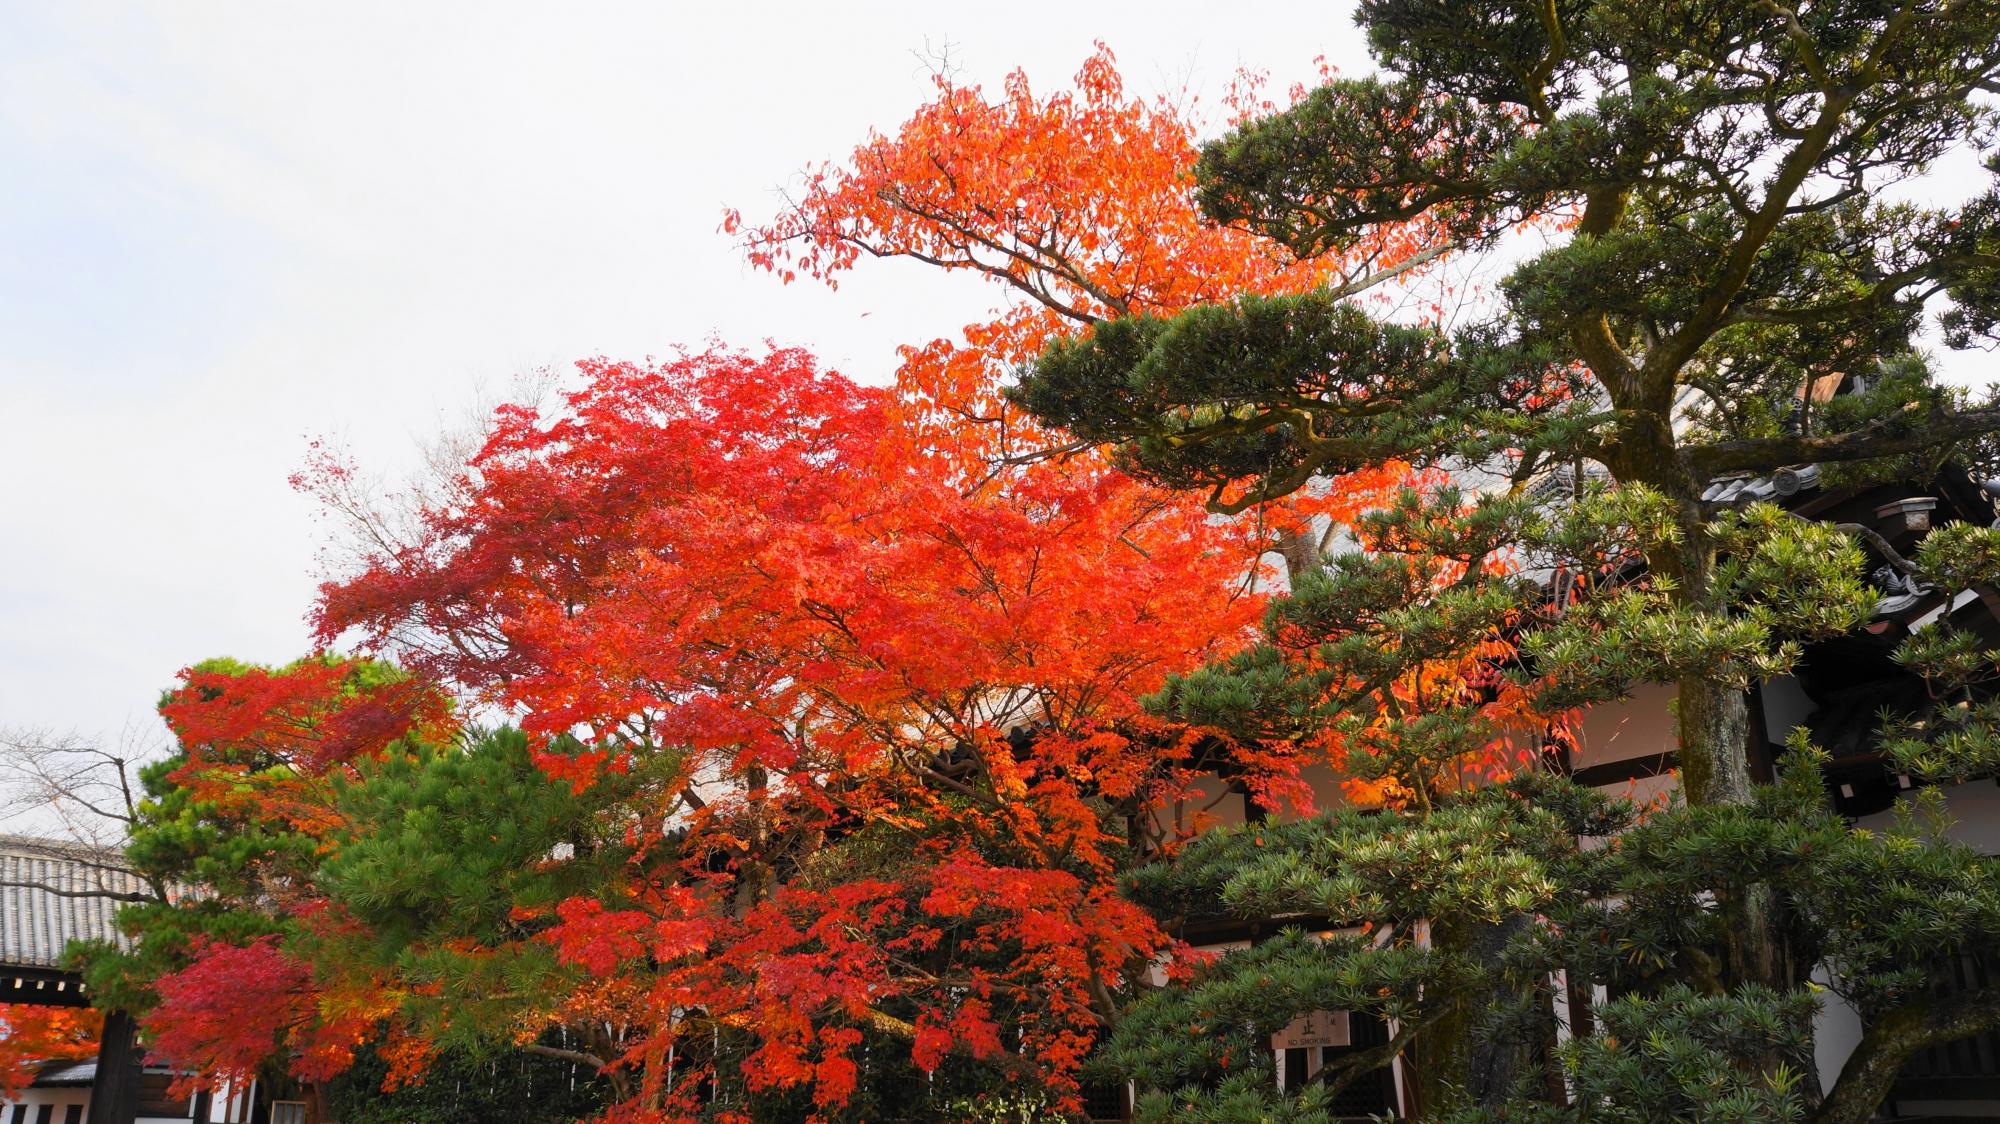 松などの緑の中で華やぐ鮮やかな紅葉